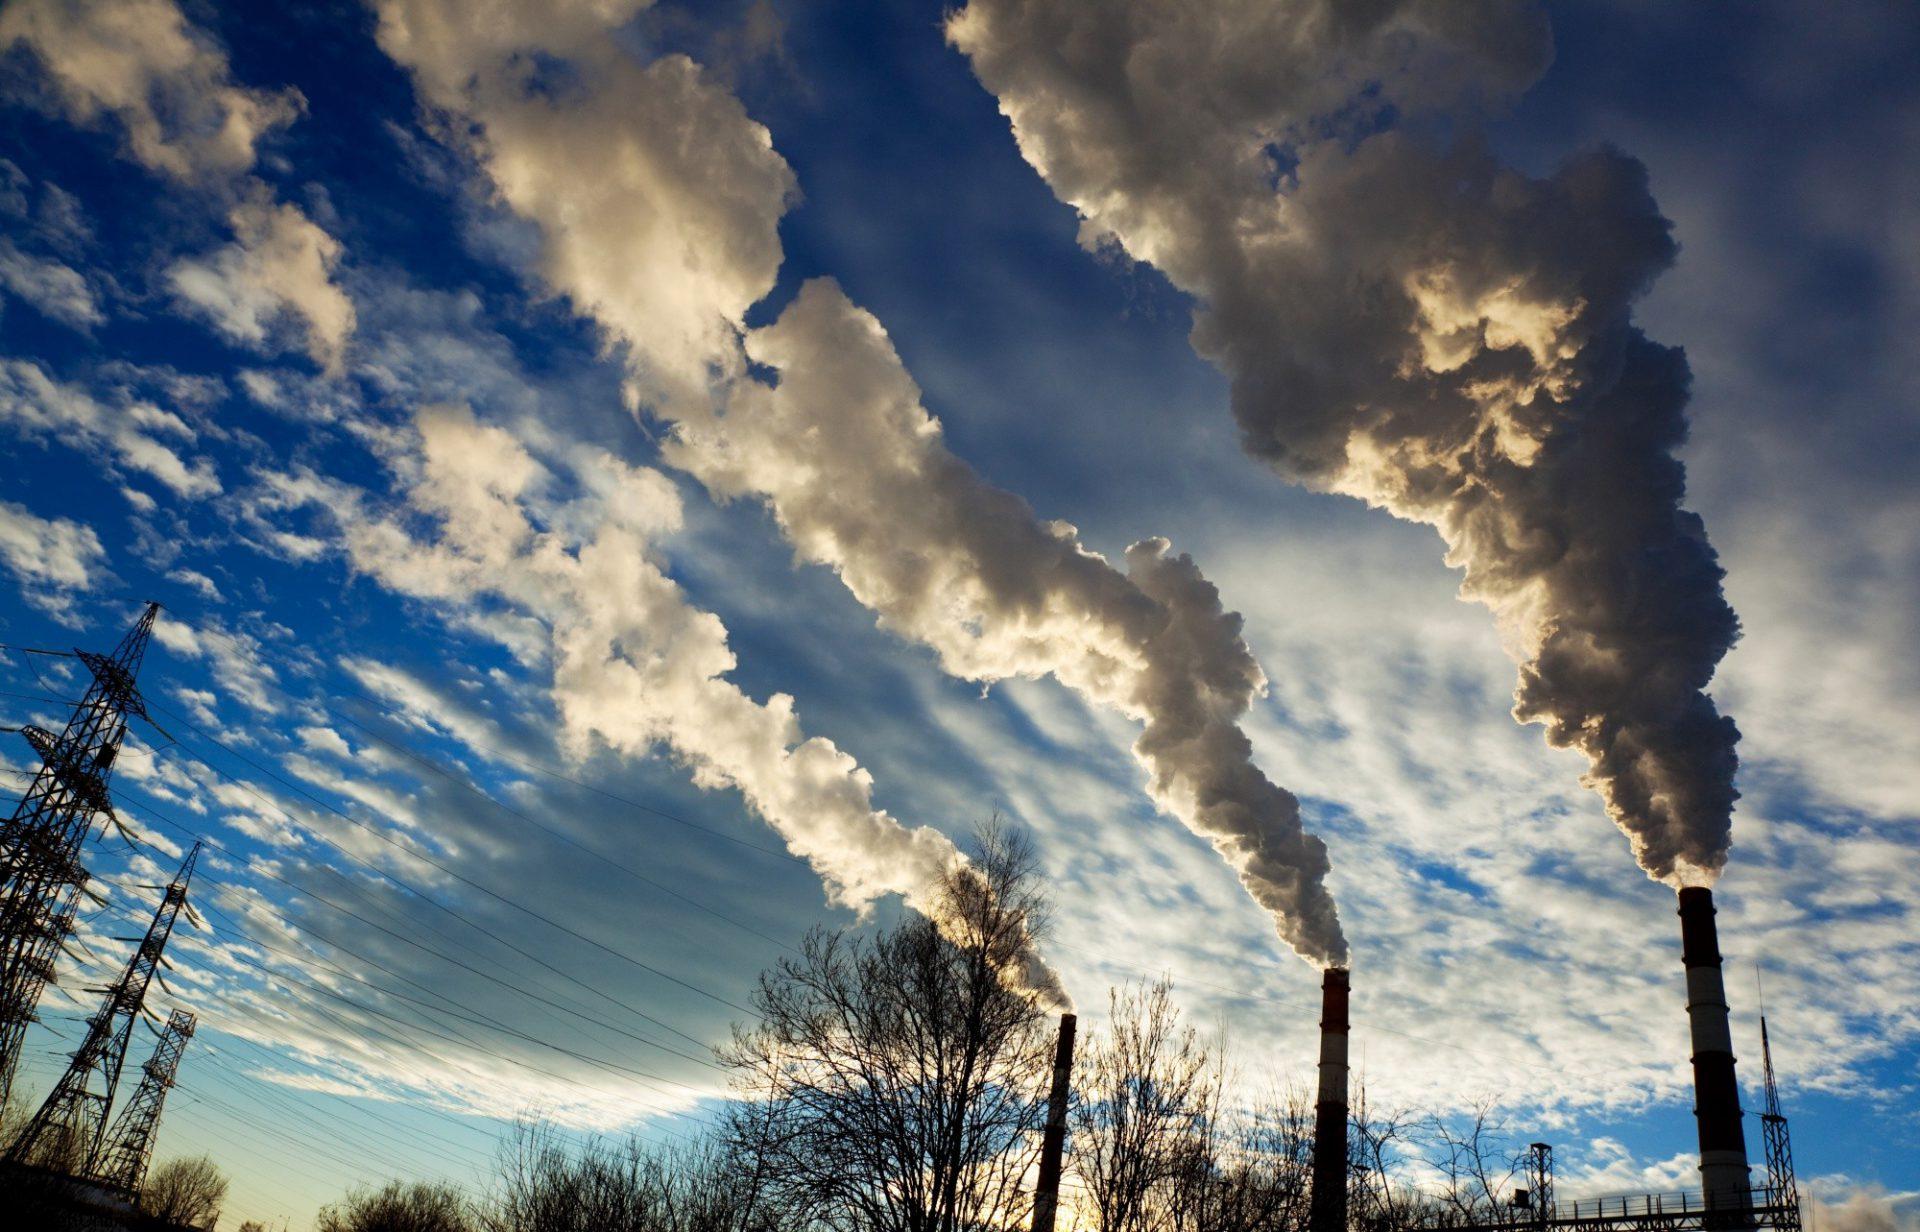 تاثیر آلودگی هوا بر ابتلا به بیماری آلزایمر آیا صحت دارد؟